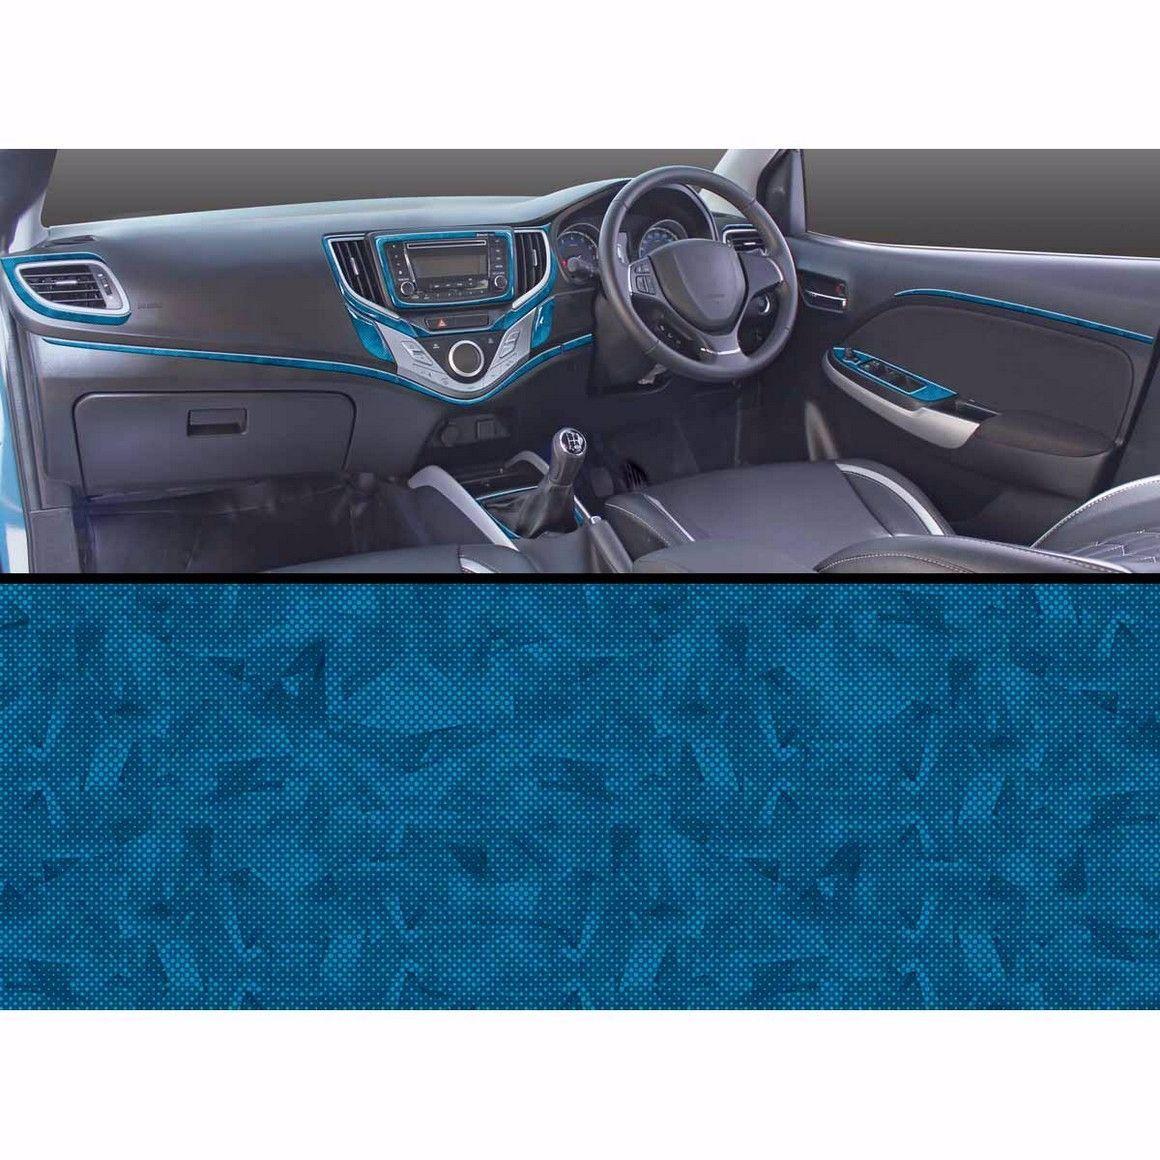 Autographix Pinnacle Cb Dash Board Trim For Ms Boleno Alzede Car Interior Accessories Car Interior Interior Accessories [ 1160 x 1160 Pixel ]